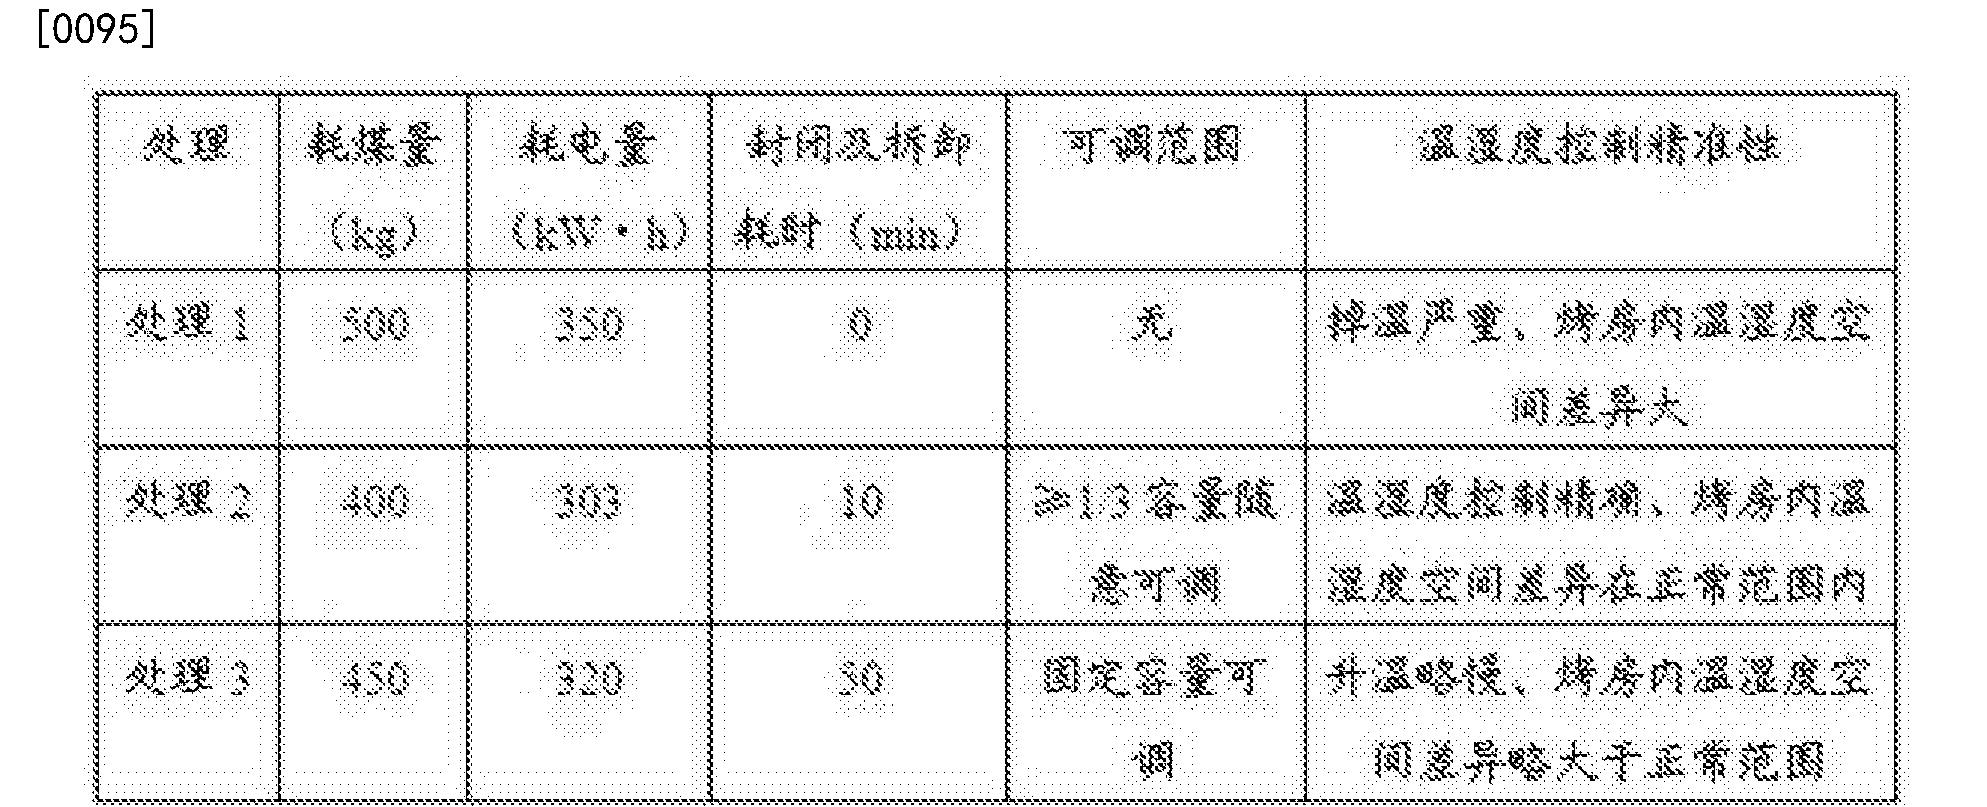 Figure CN106333382BD00111